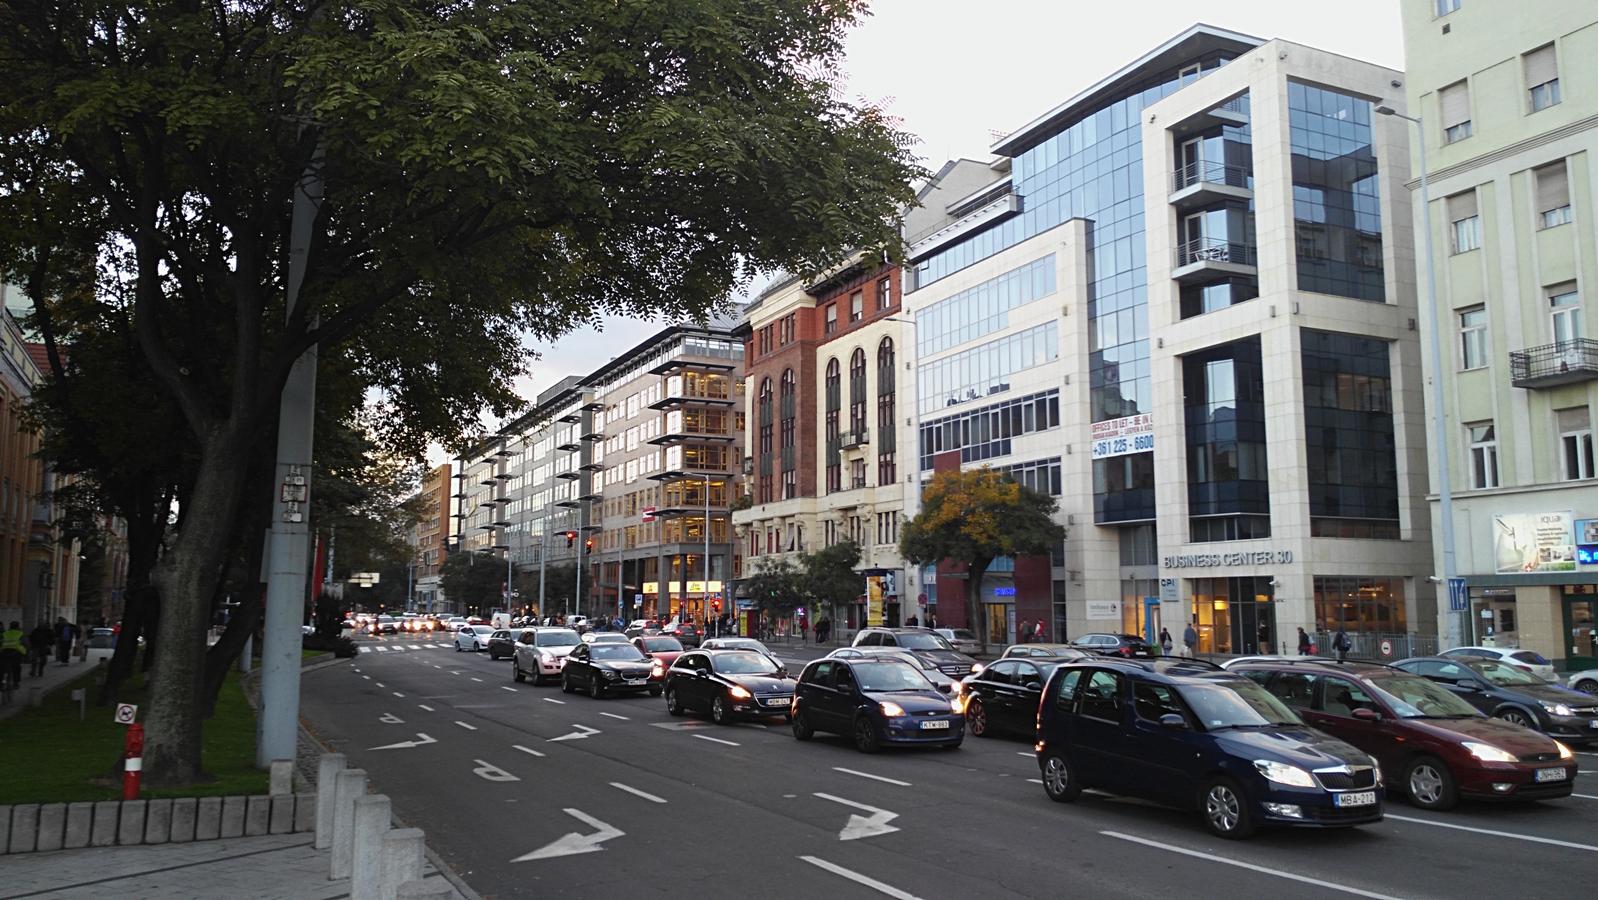 Kocsmaturista - forgalom a Váci úton